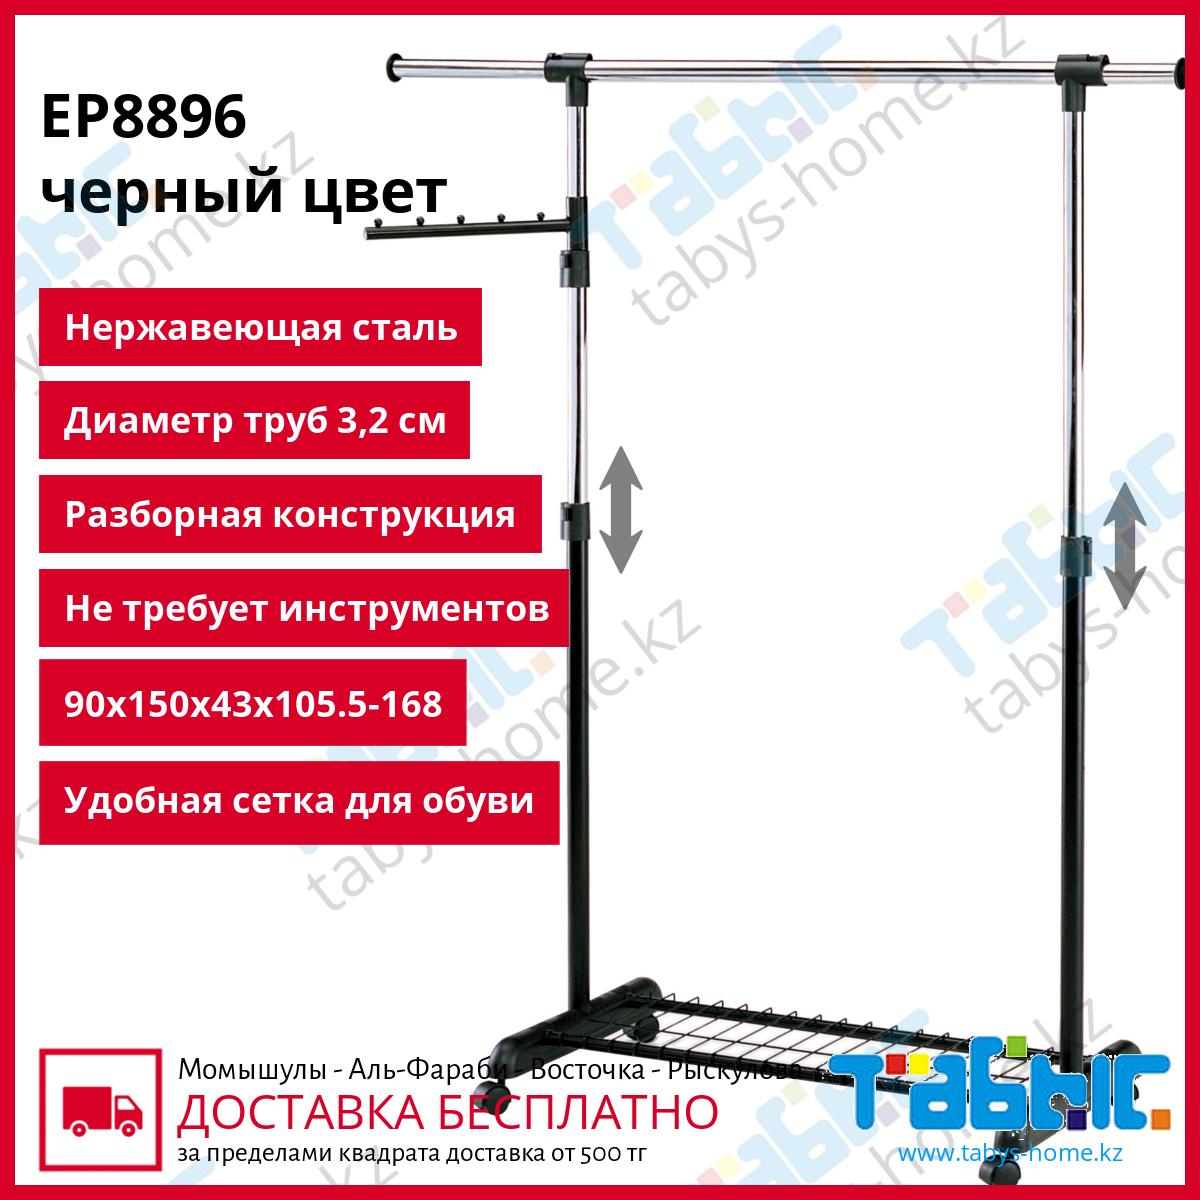 Одинарная раздвижная гардеробная вешалка Табыс EP 8896 (черный цвет)